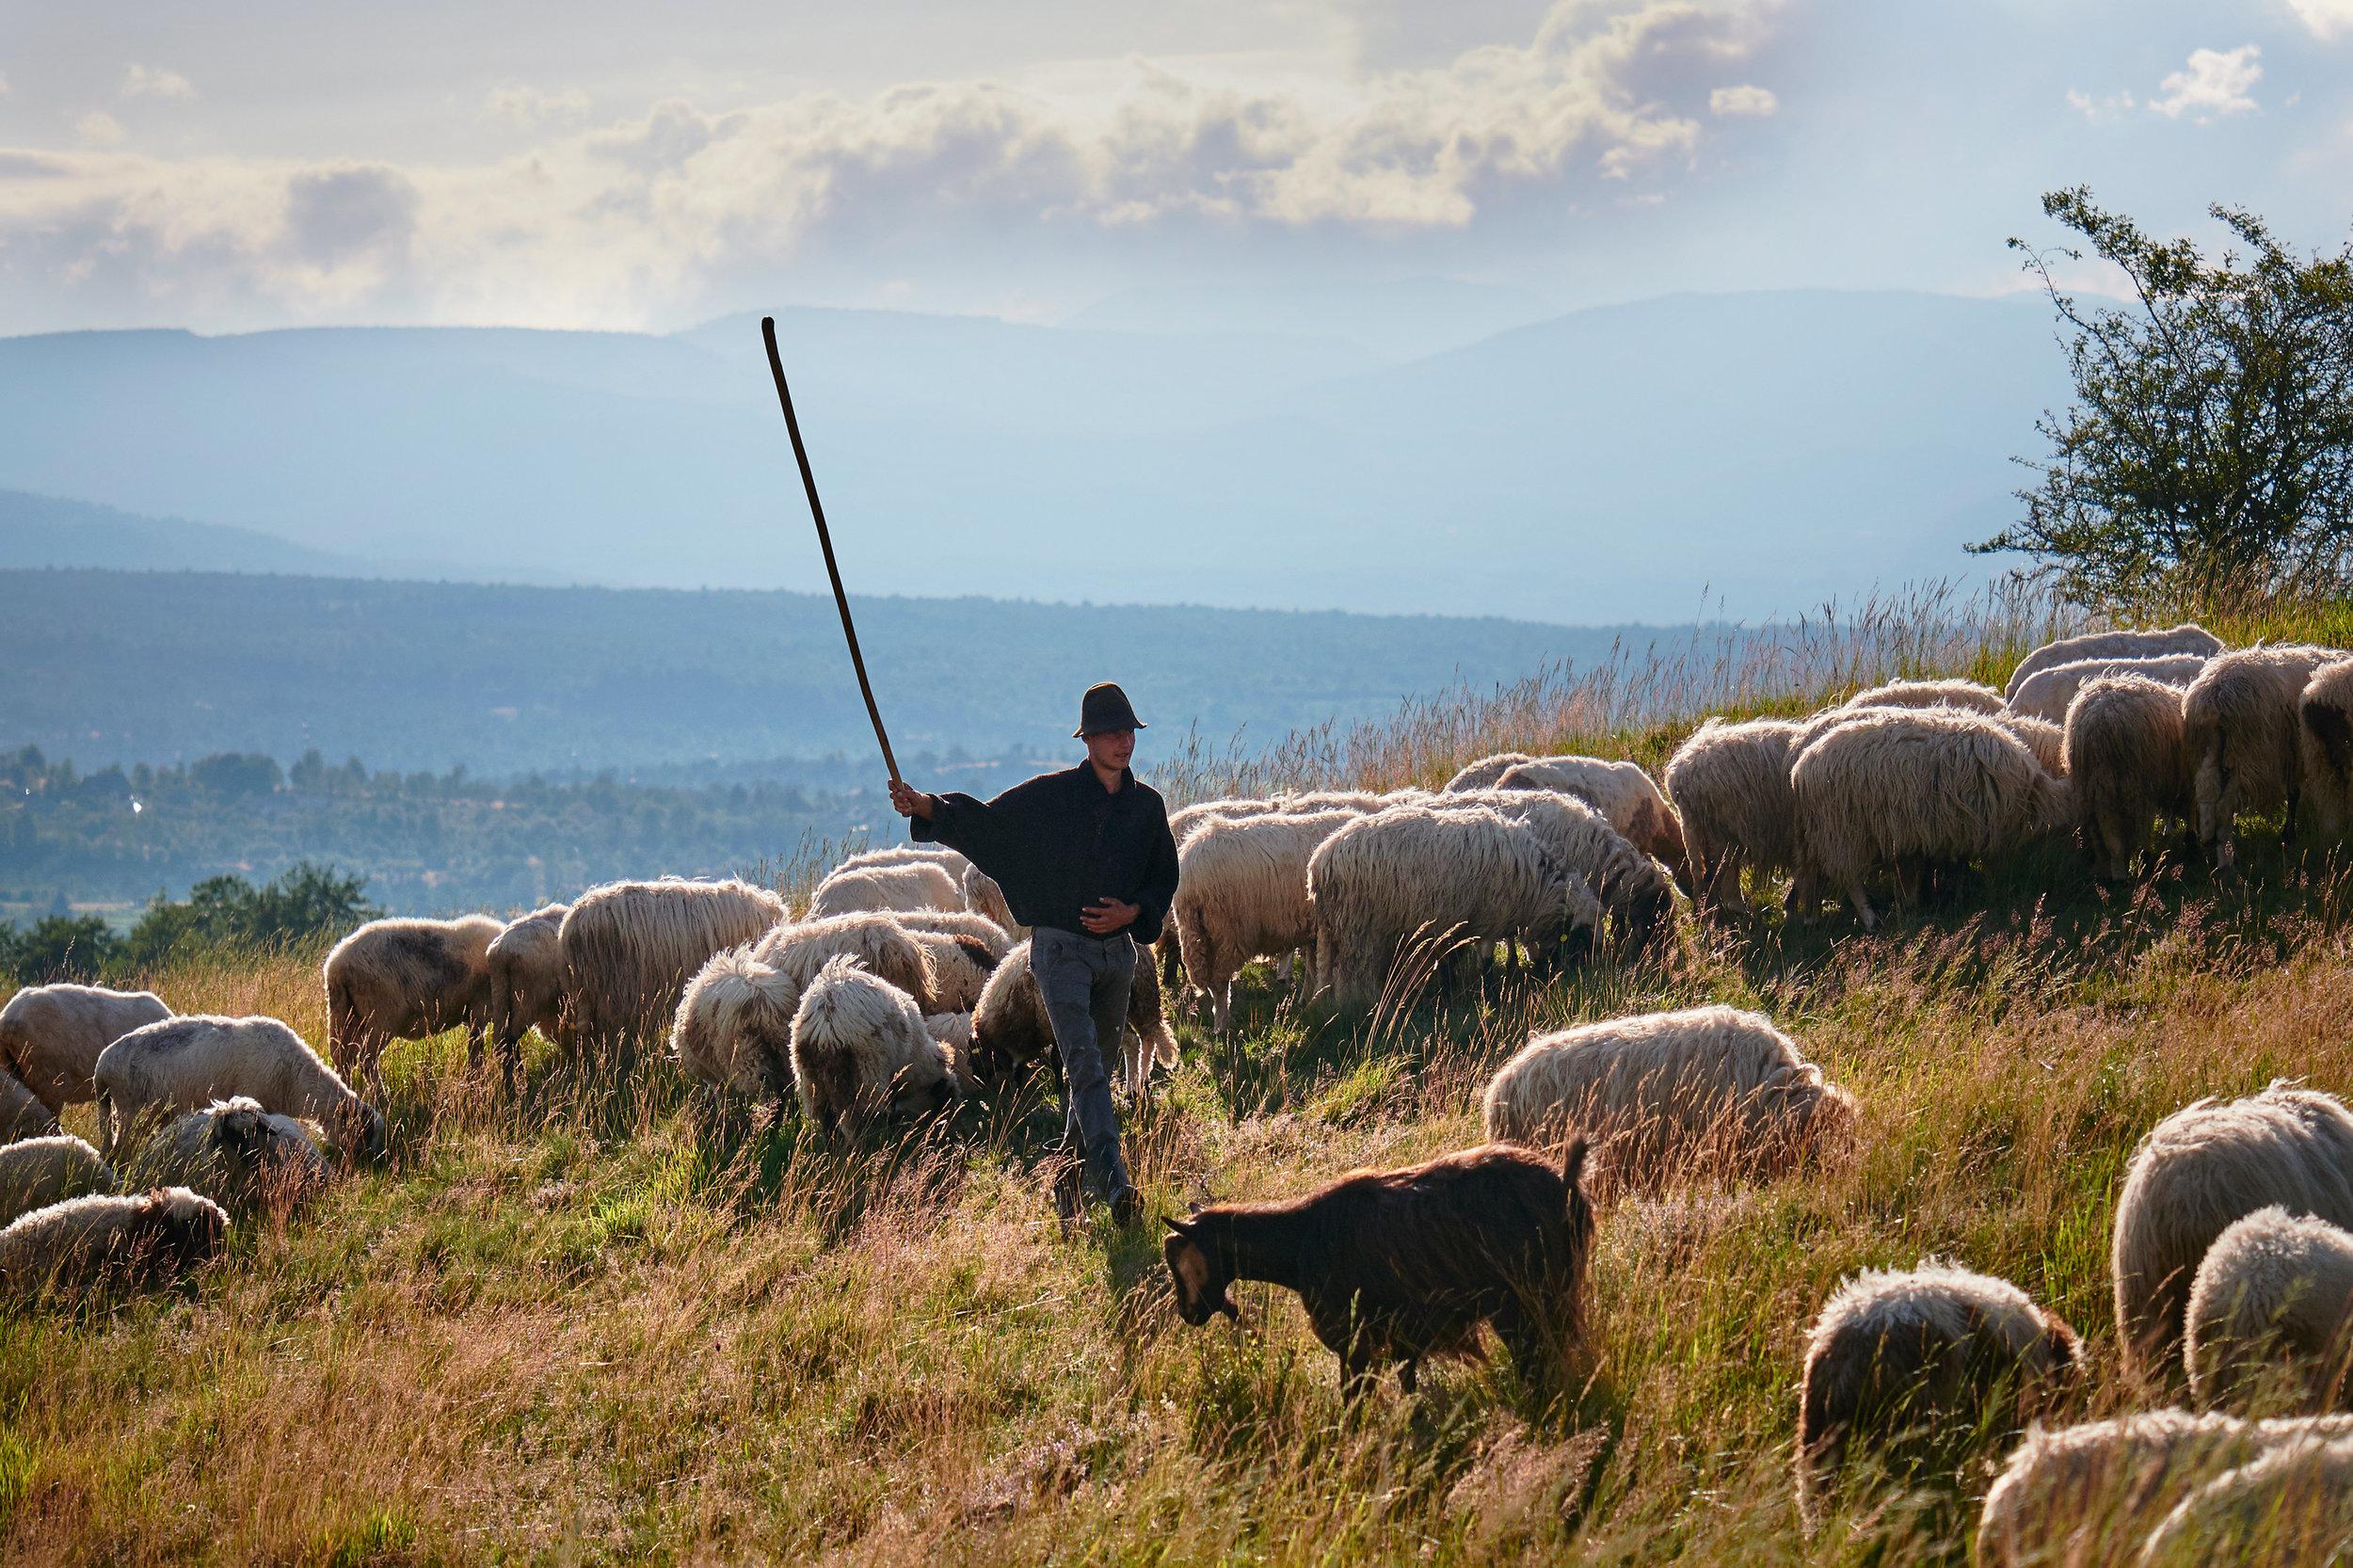 Shepherd-herding-sheep-and-goats-Maramures-Romania